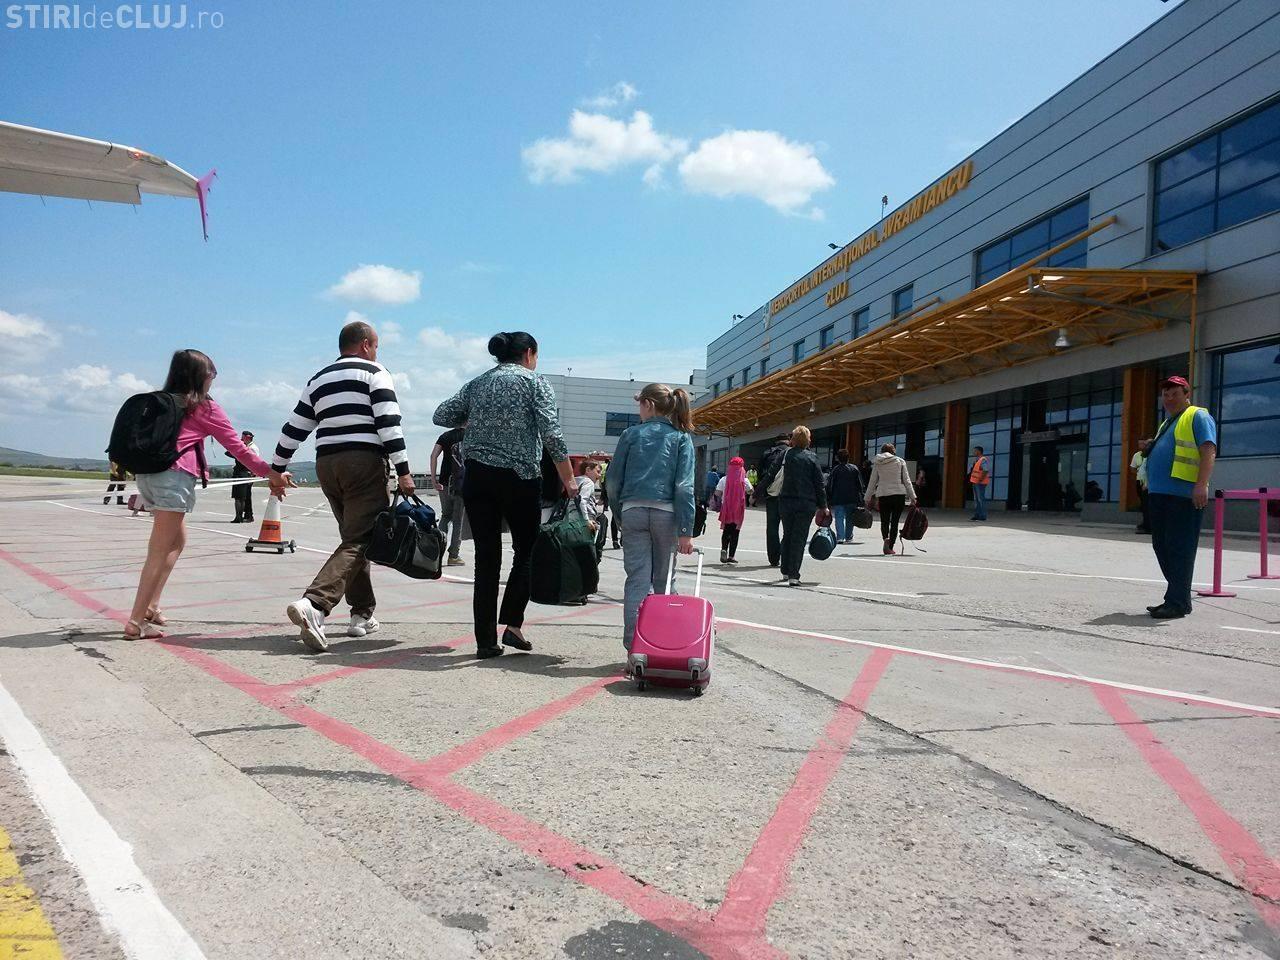 CJ Cluj a revotat hotărârea privind noul CA al Aeroportului Cluj. S-a spus clar cine va asigura conducerea interimară